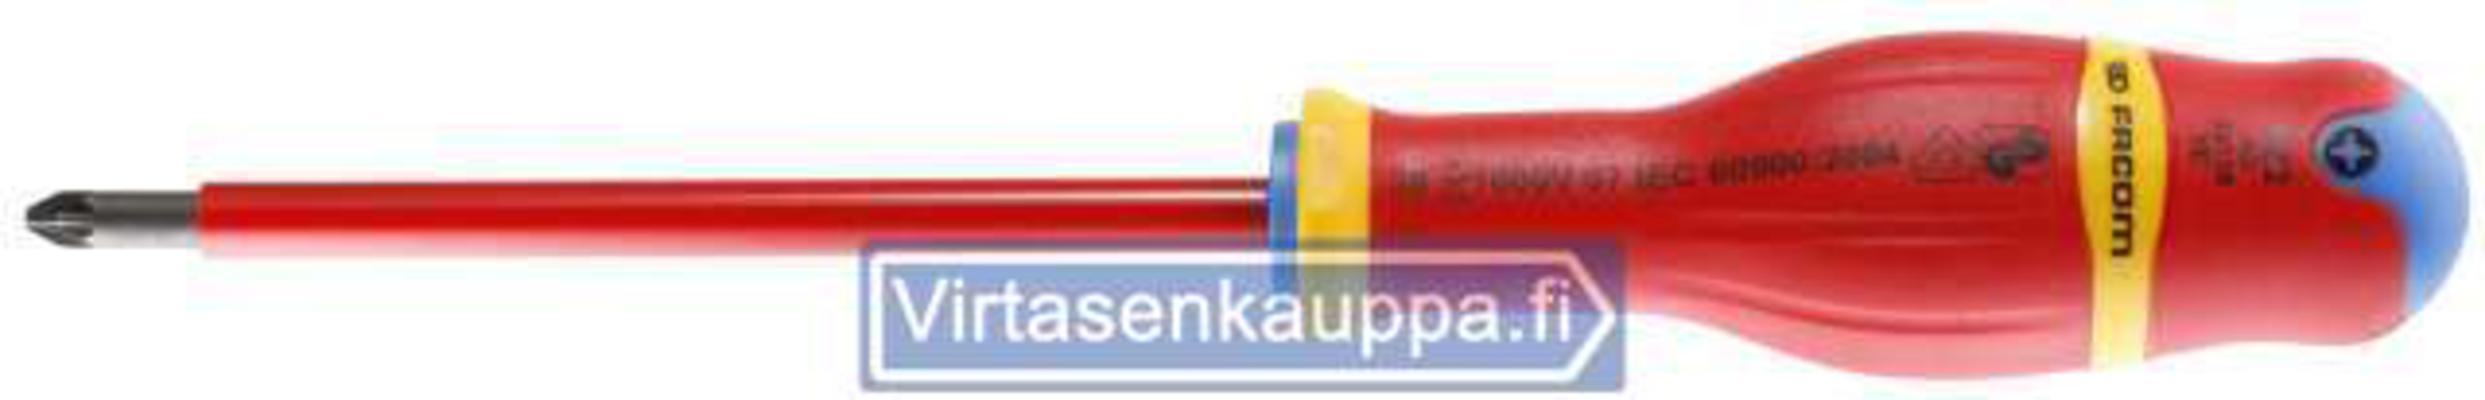 Pozidriv-ruuvitaltta sähkötöihin, Facom - PZ1